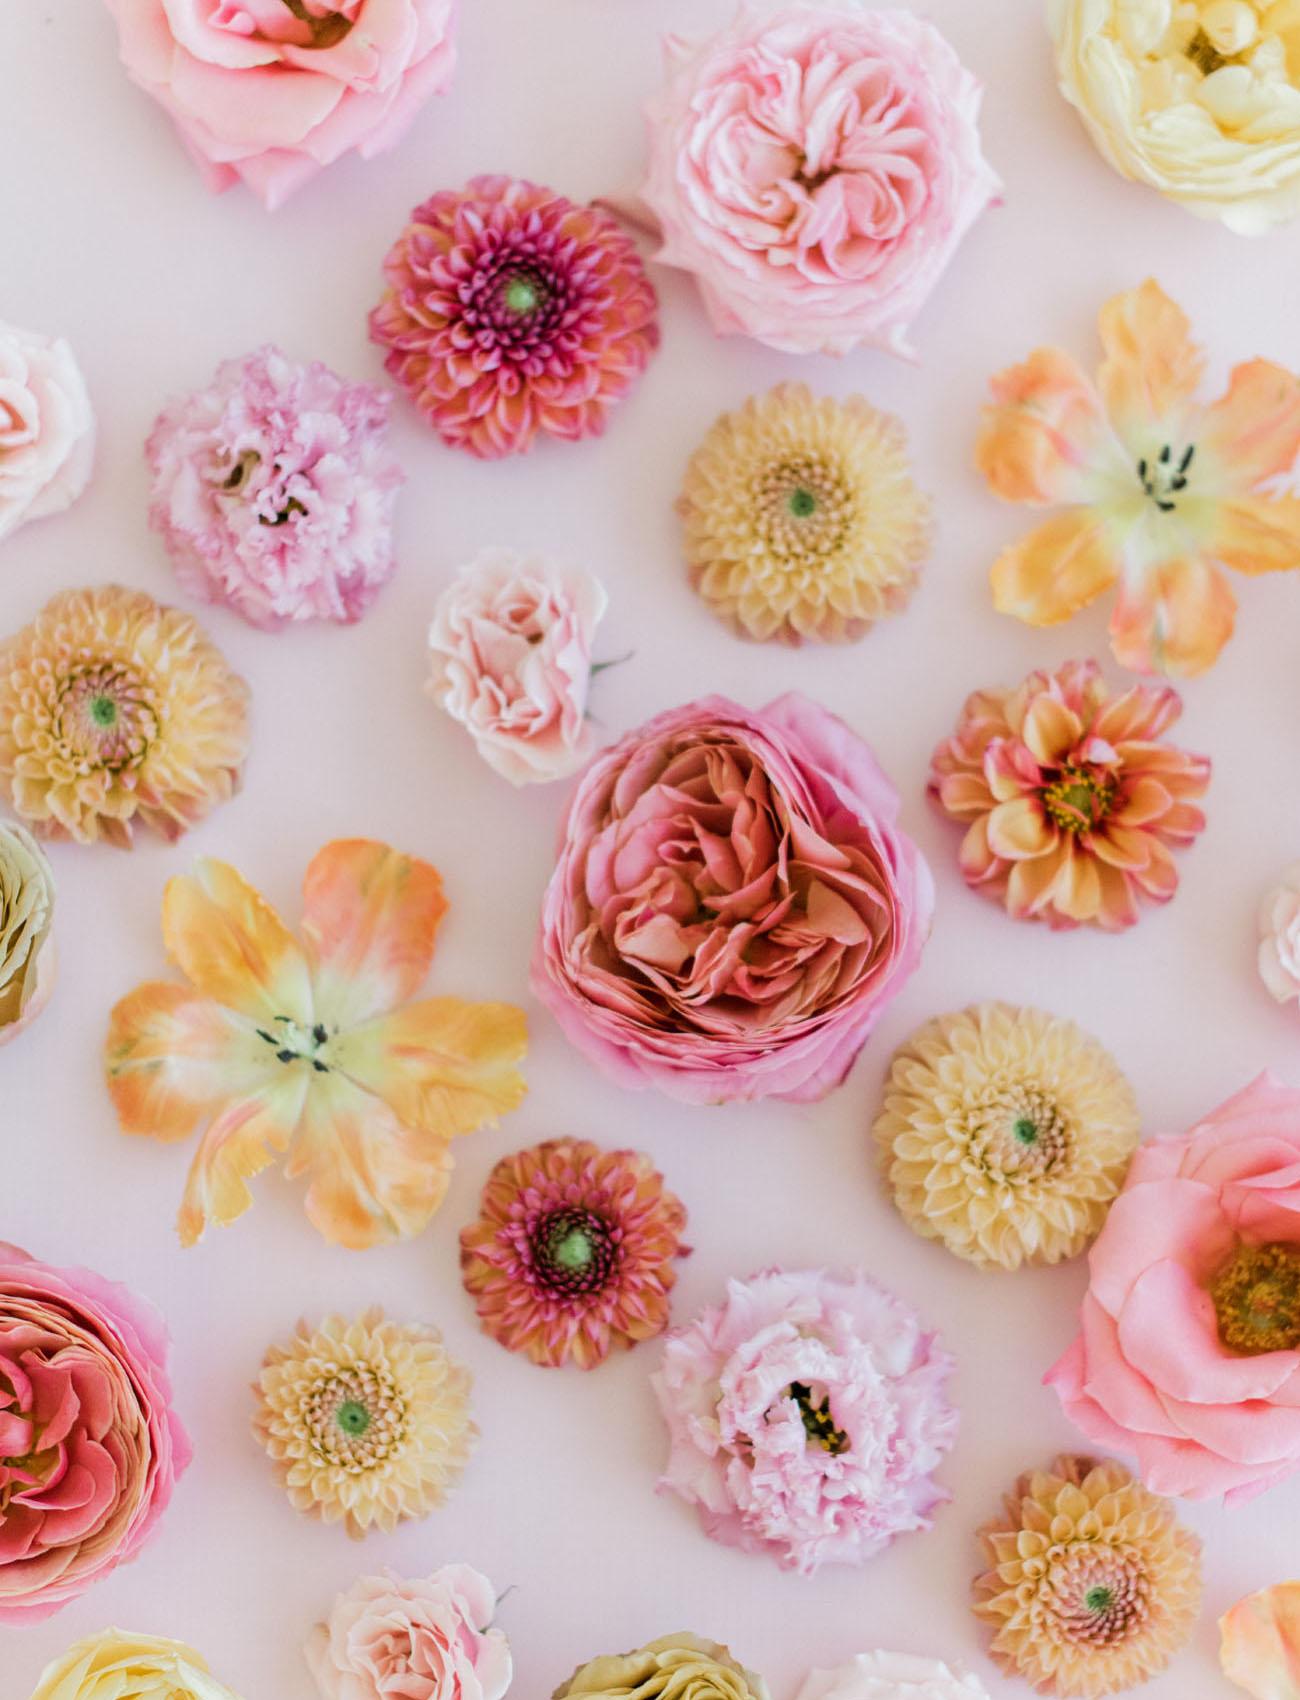 Millennial Pink Flower Flatlay